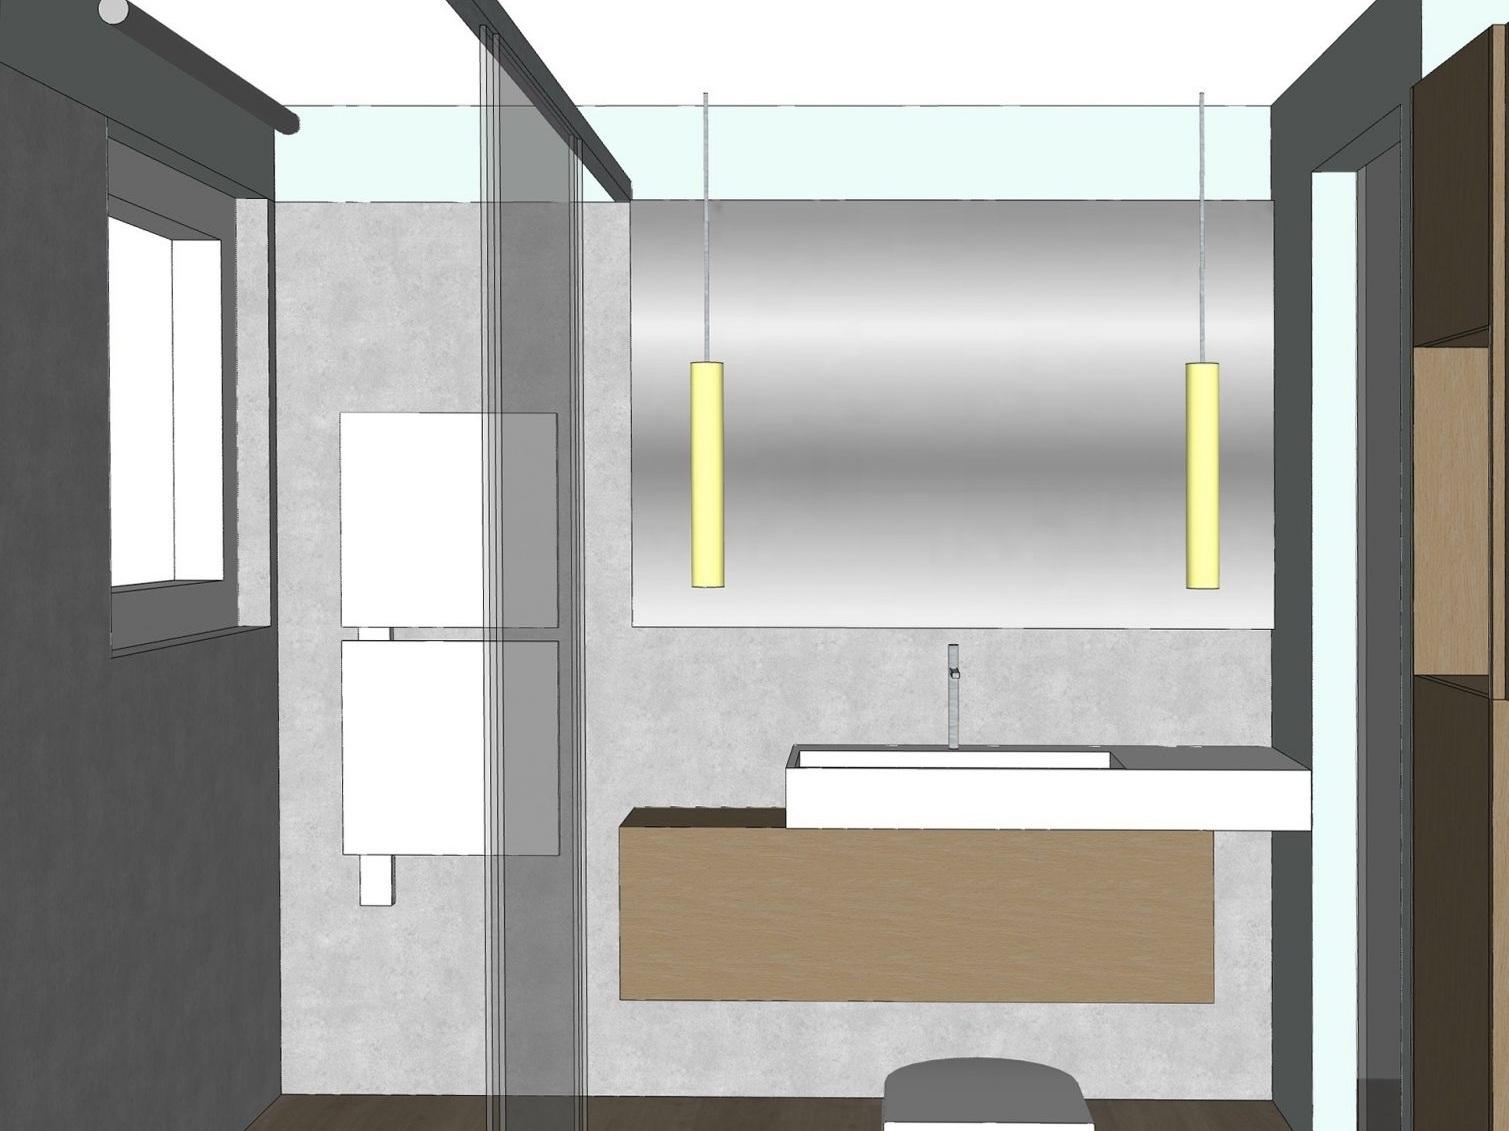 Badkonzepte für Duschbad - Variante 2, Waschplatz